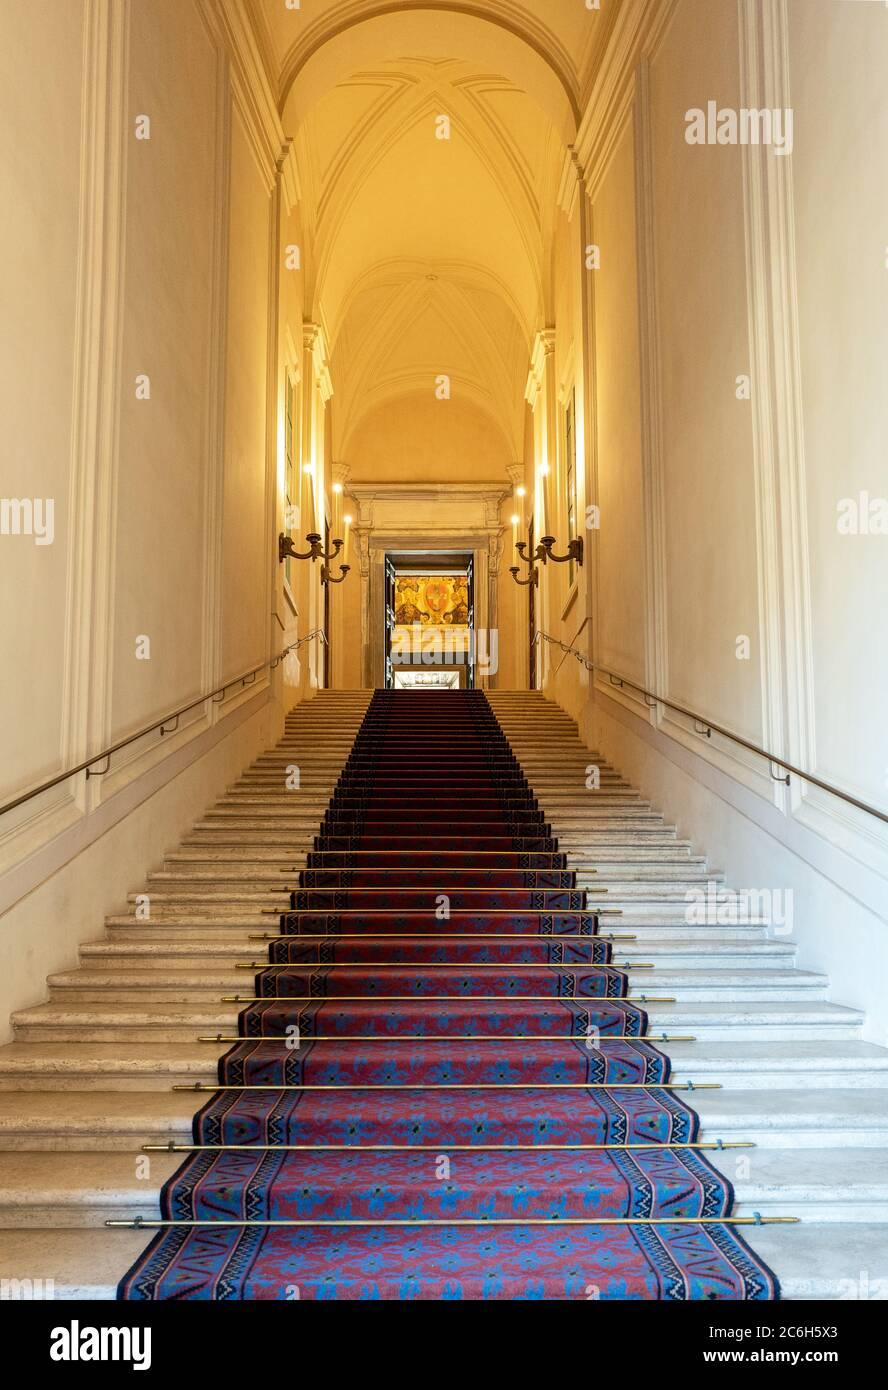 Roma, Italia, la escalera principal del palacio Quirinale Foto de stock